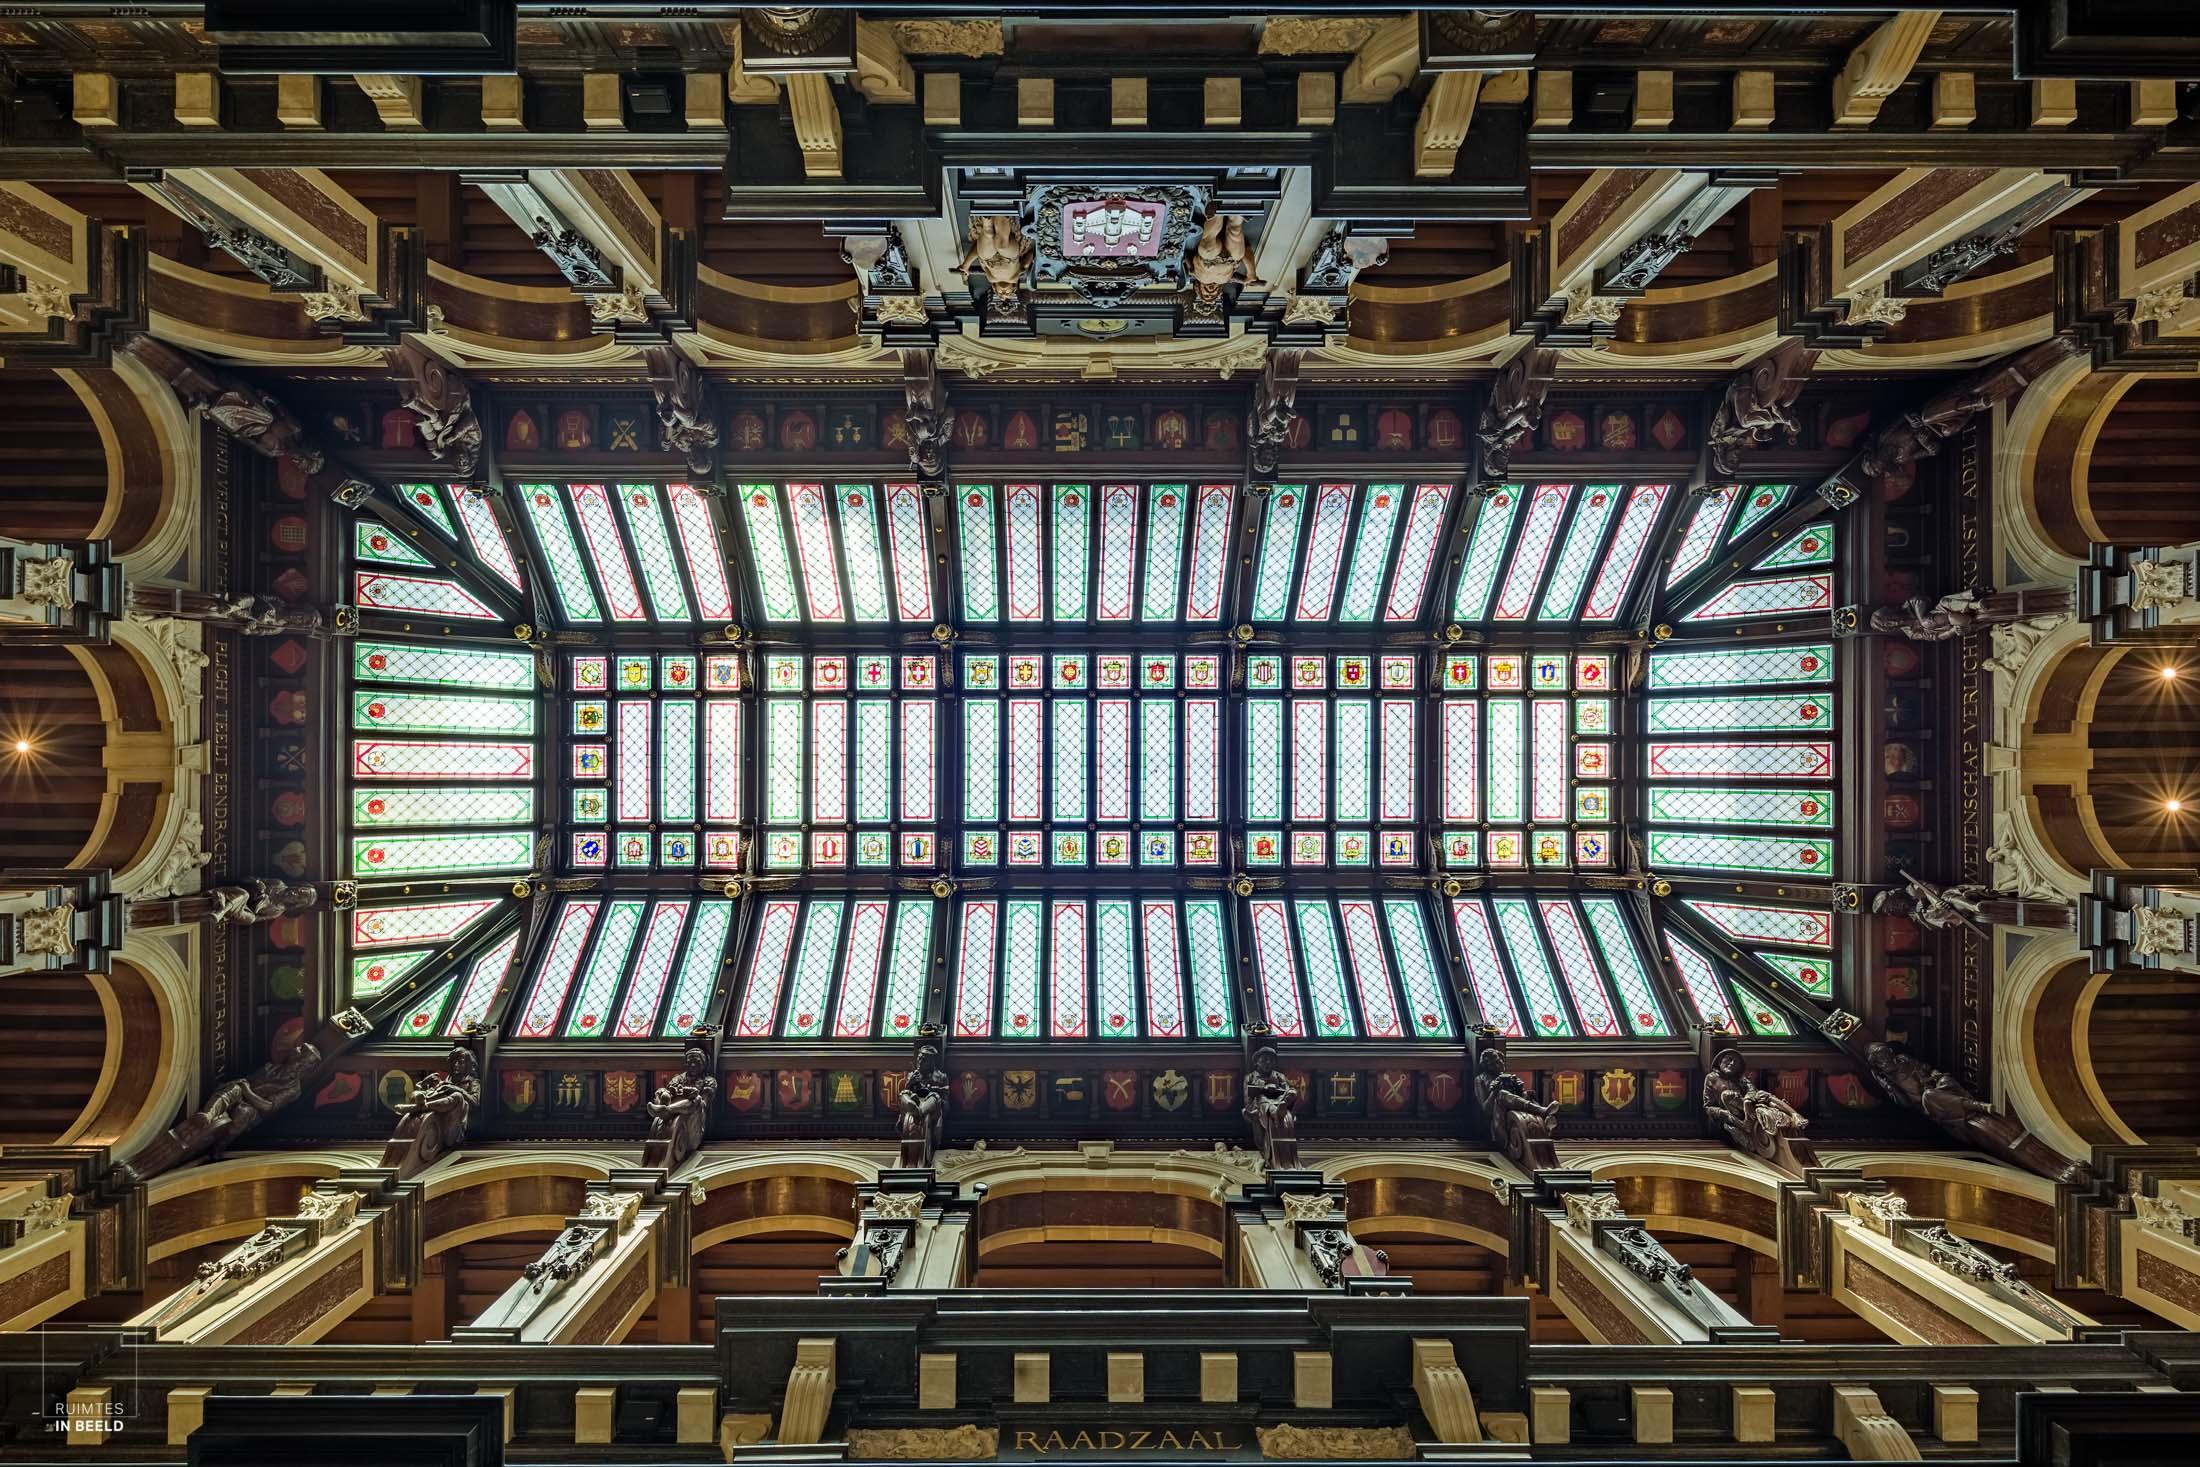 Plafond in stadhuis van Antwerpen | ceiling in Antwerp city hall